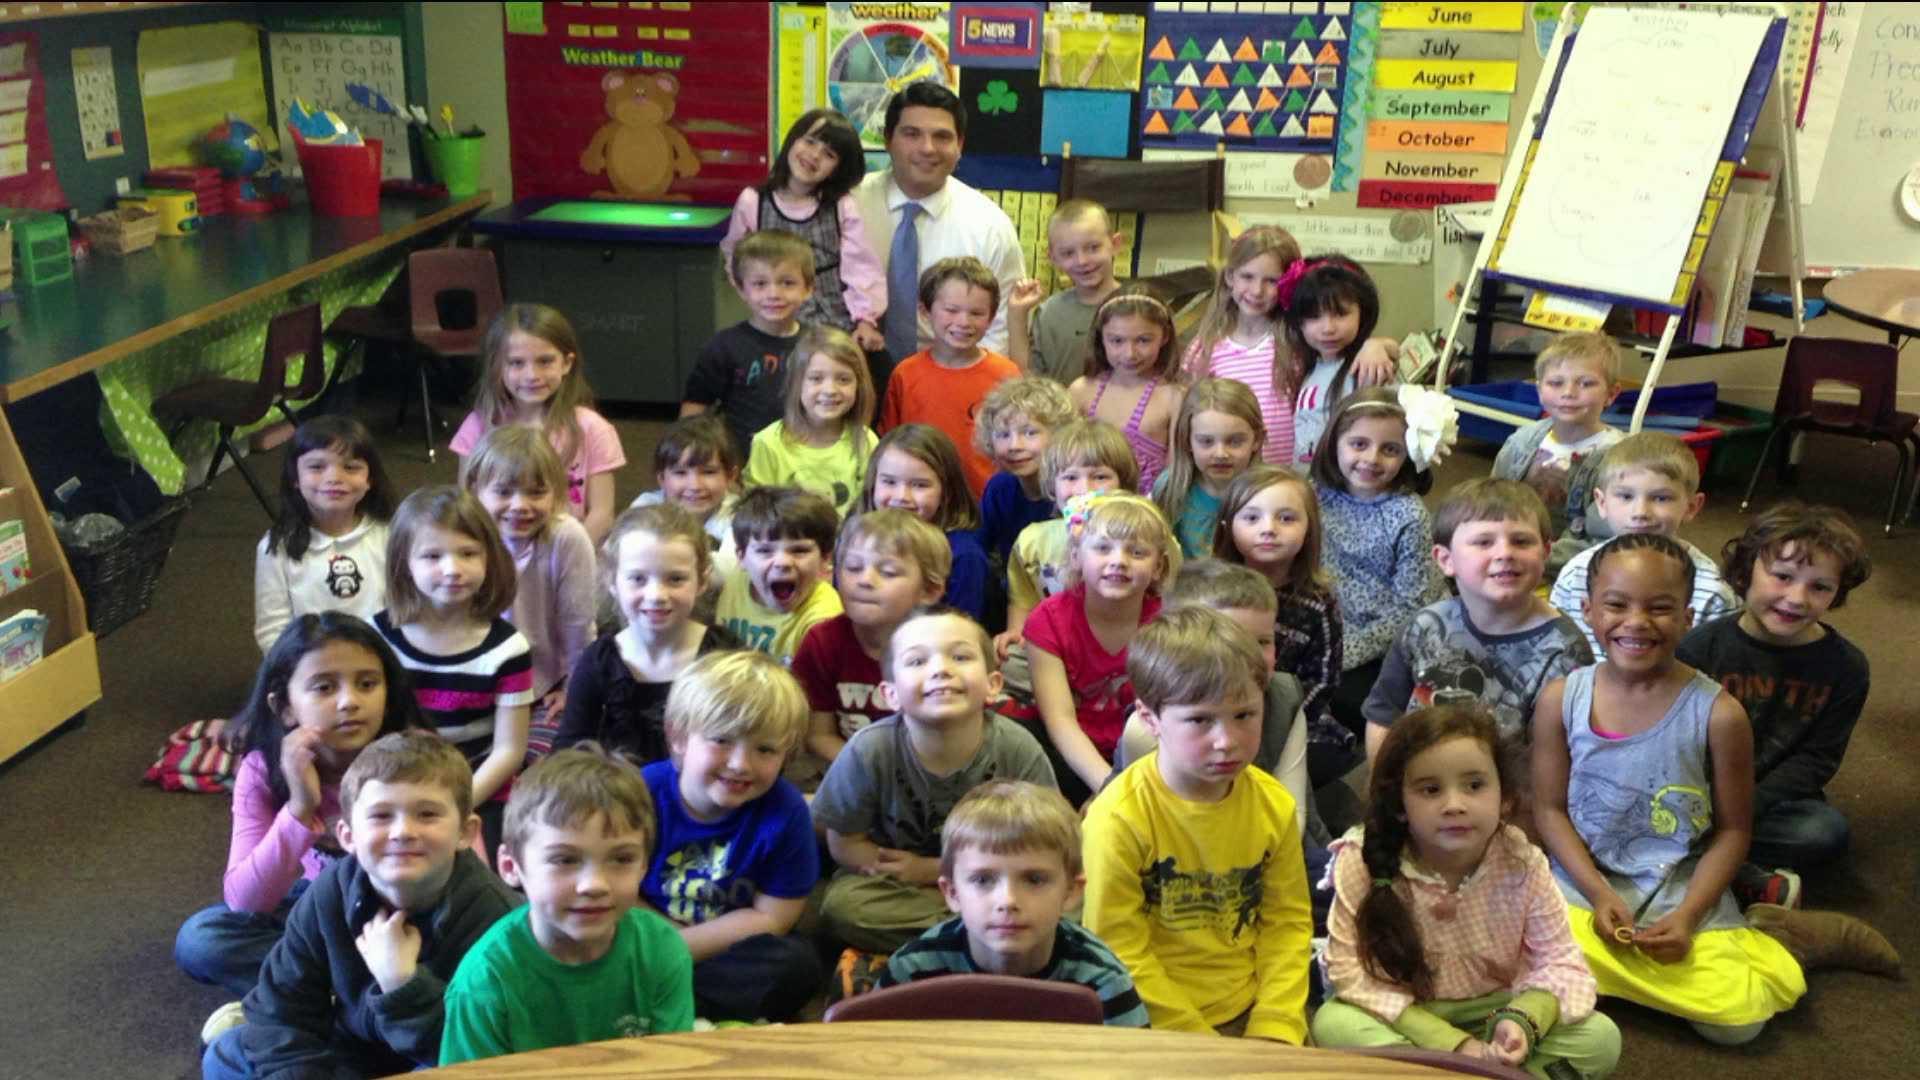 Kindergarteners Meet With 5news Weather Guy 5newsonline Com